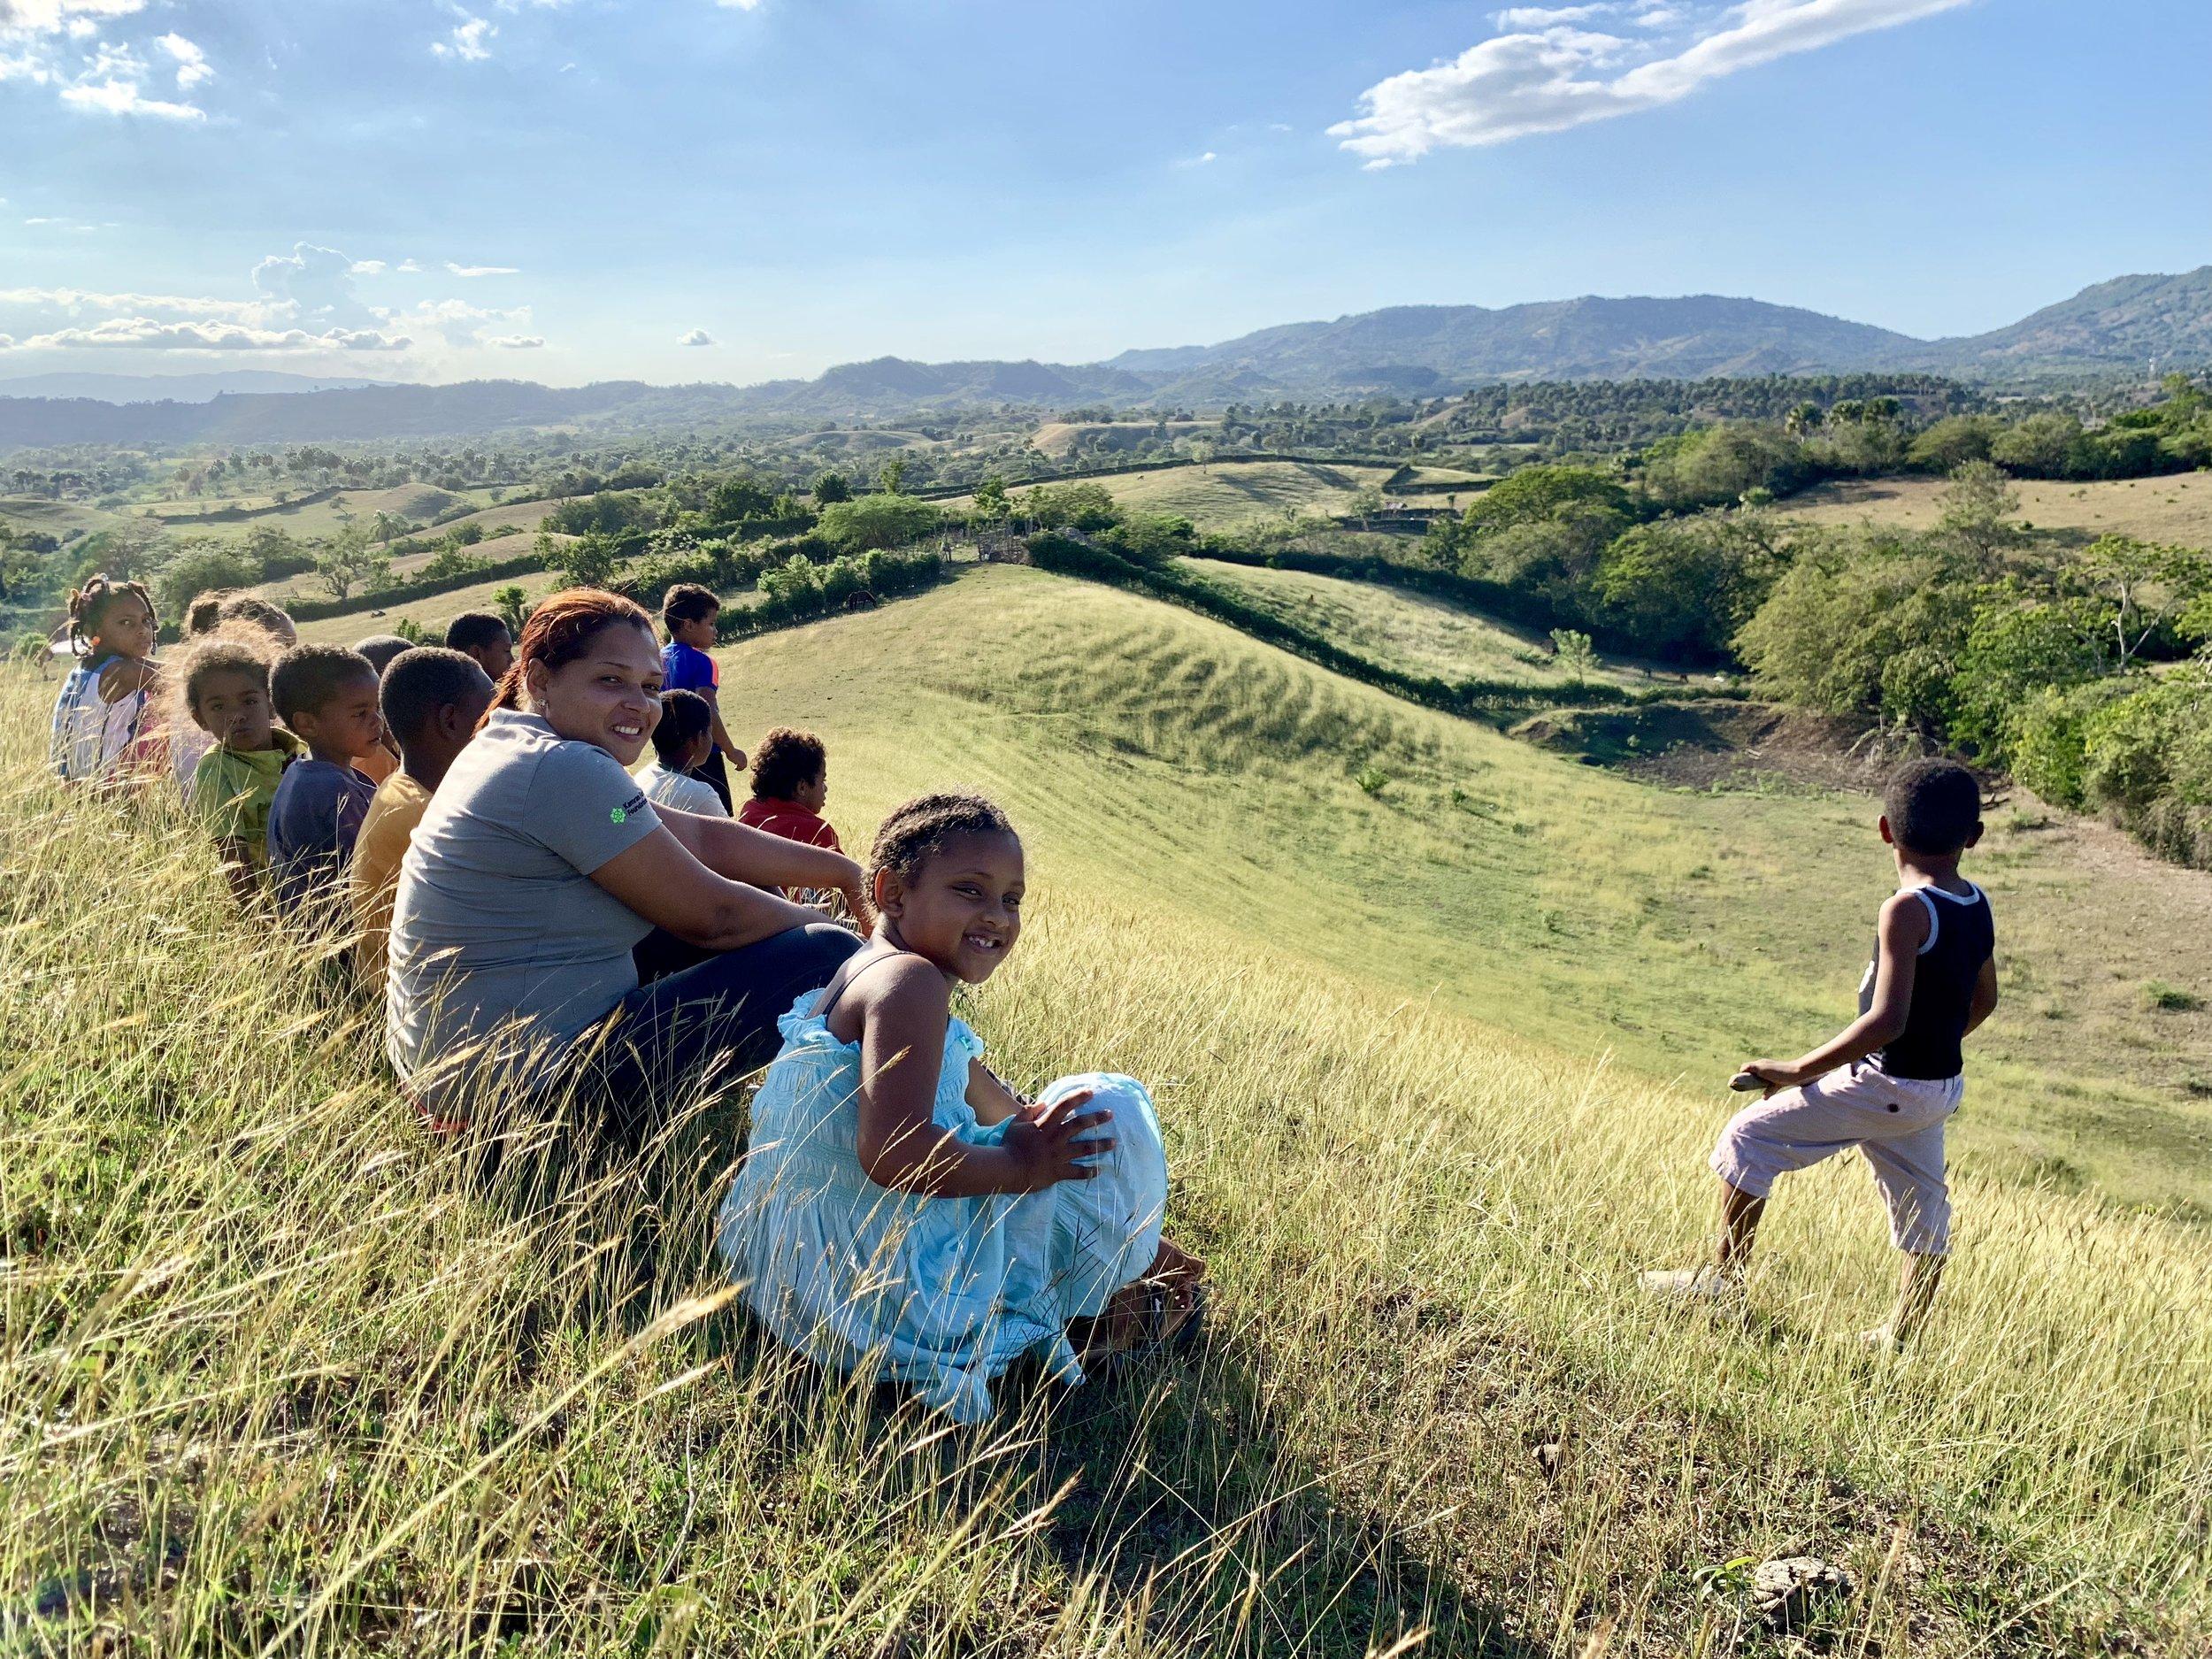 About Pueblo Nuevo - Our Partner Community